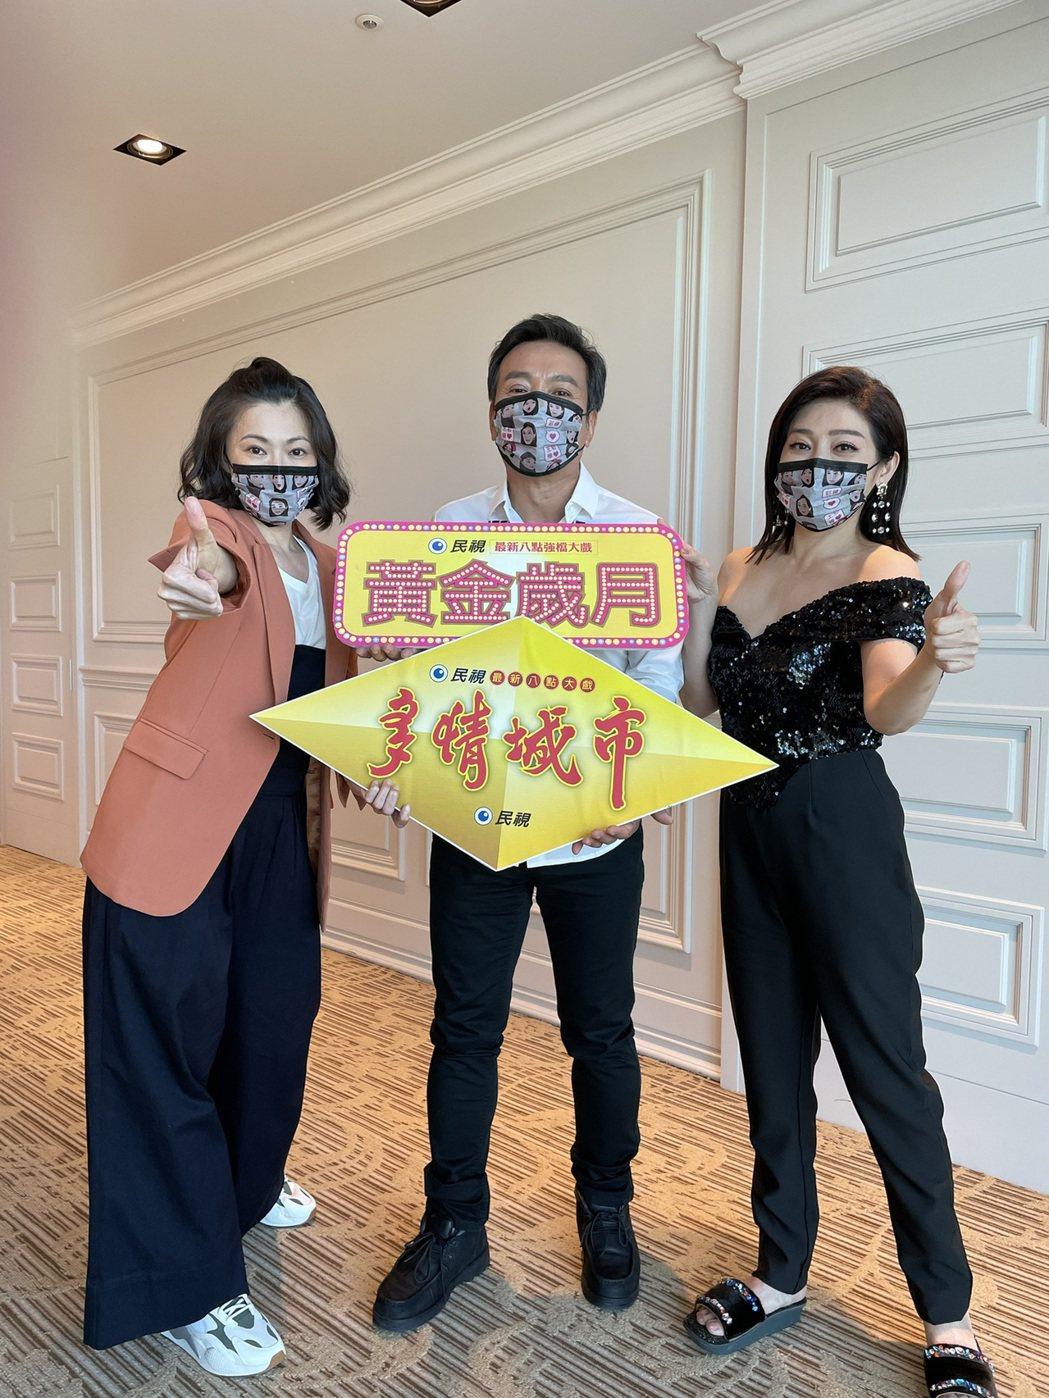 侯怡君(左起)演出的「多情城市」播出完結篇,王中平、王彩樺演出「黃金歲月」緊接著...